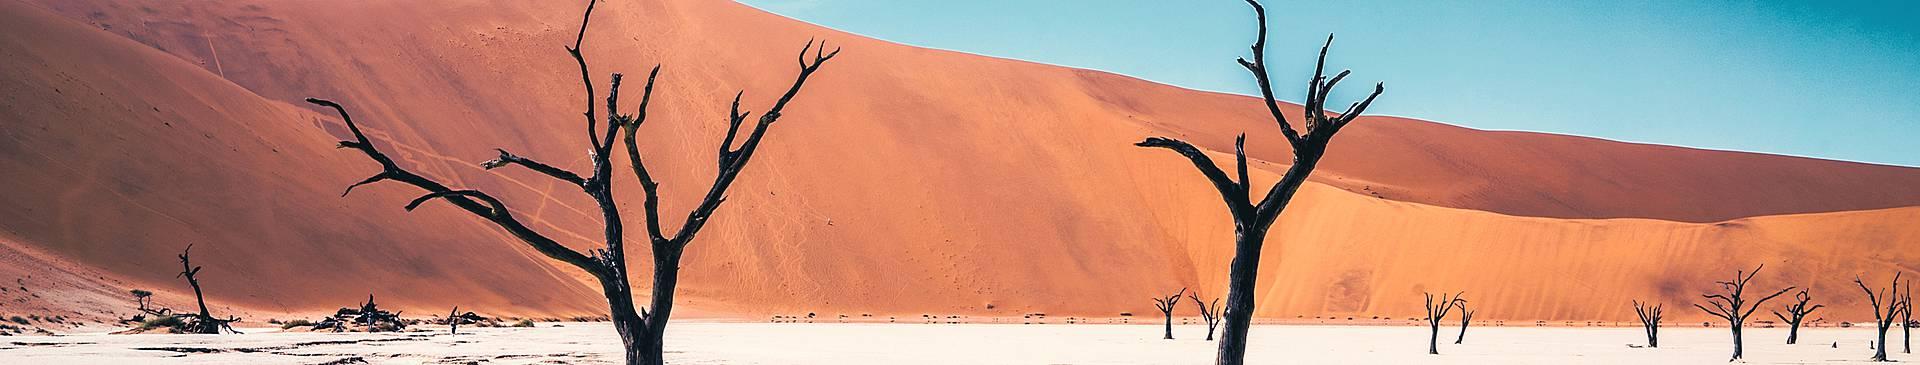 Spring in Namibia